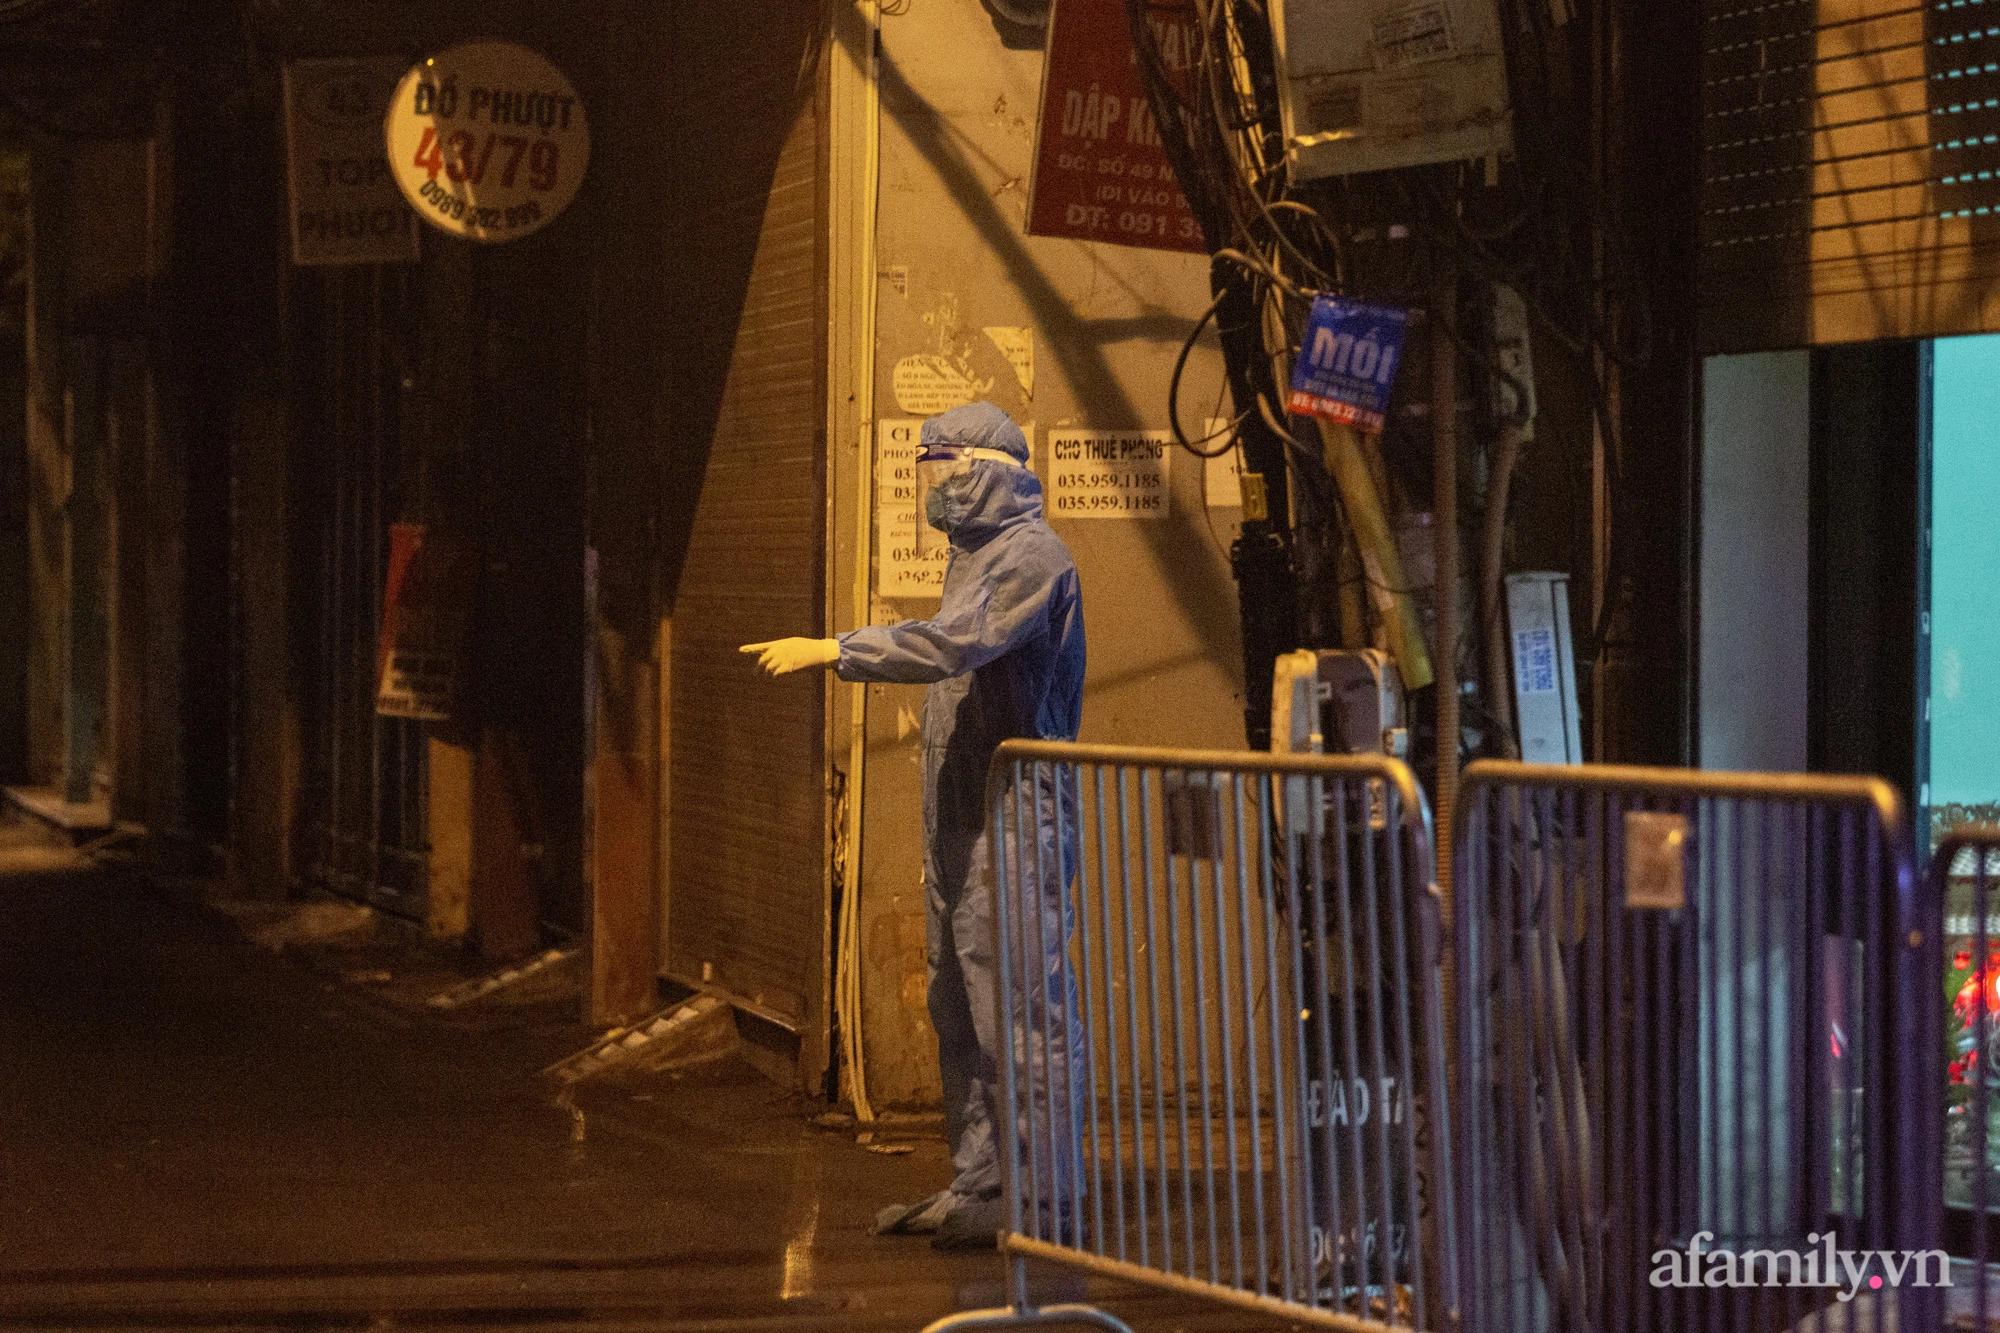 Hà Nội: Phong tỏa cửa hàng tạp hóa trong ngõ 79 đường Cầu Giấy, khẩn trương lấy mẫu xét nghiệm, truy vết trong đêm - Ảnh 7.